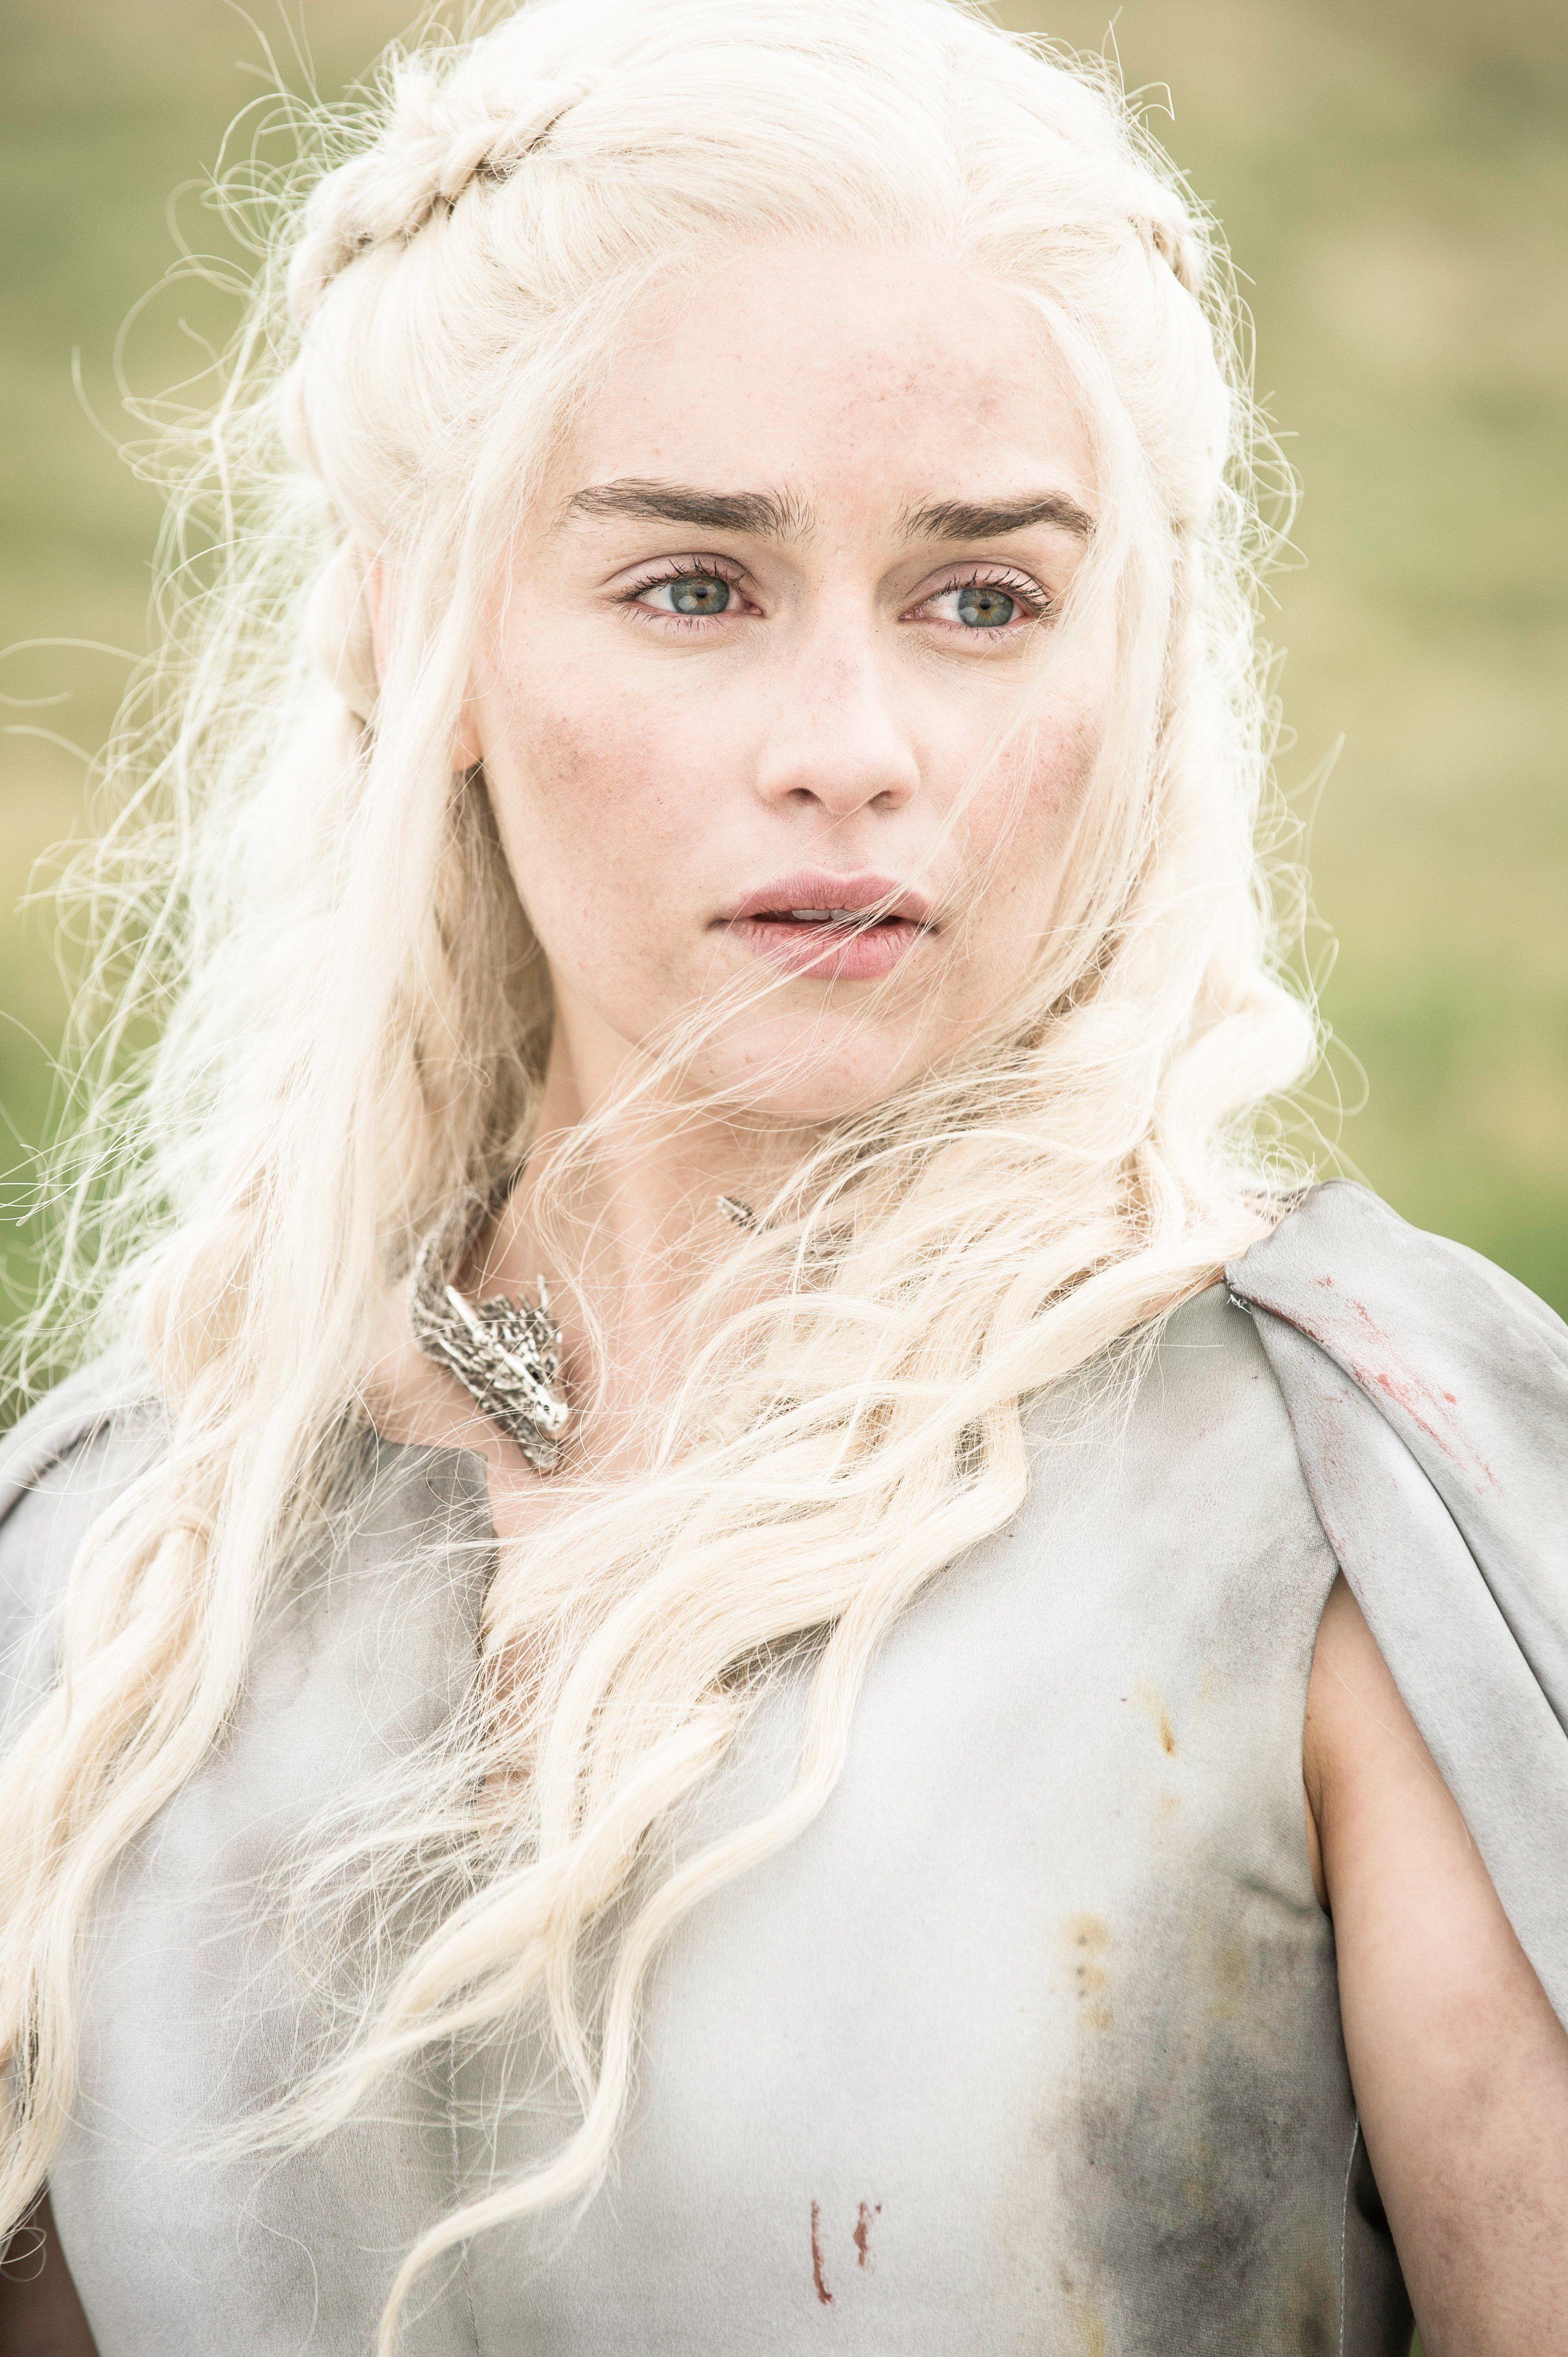 Daenerys targaryen and khal drogo wallpaper daenerys targaryen wedding - Daenerys Targaryen And Khal Drogo Wallpaper Daenerys Targaryen Wedding 25